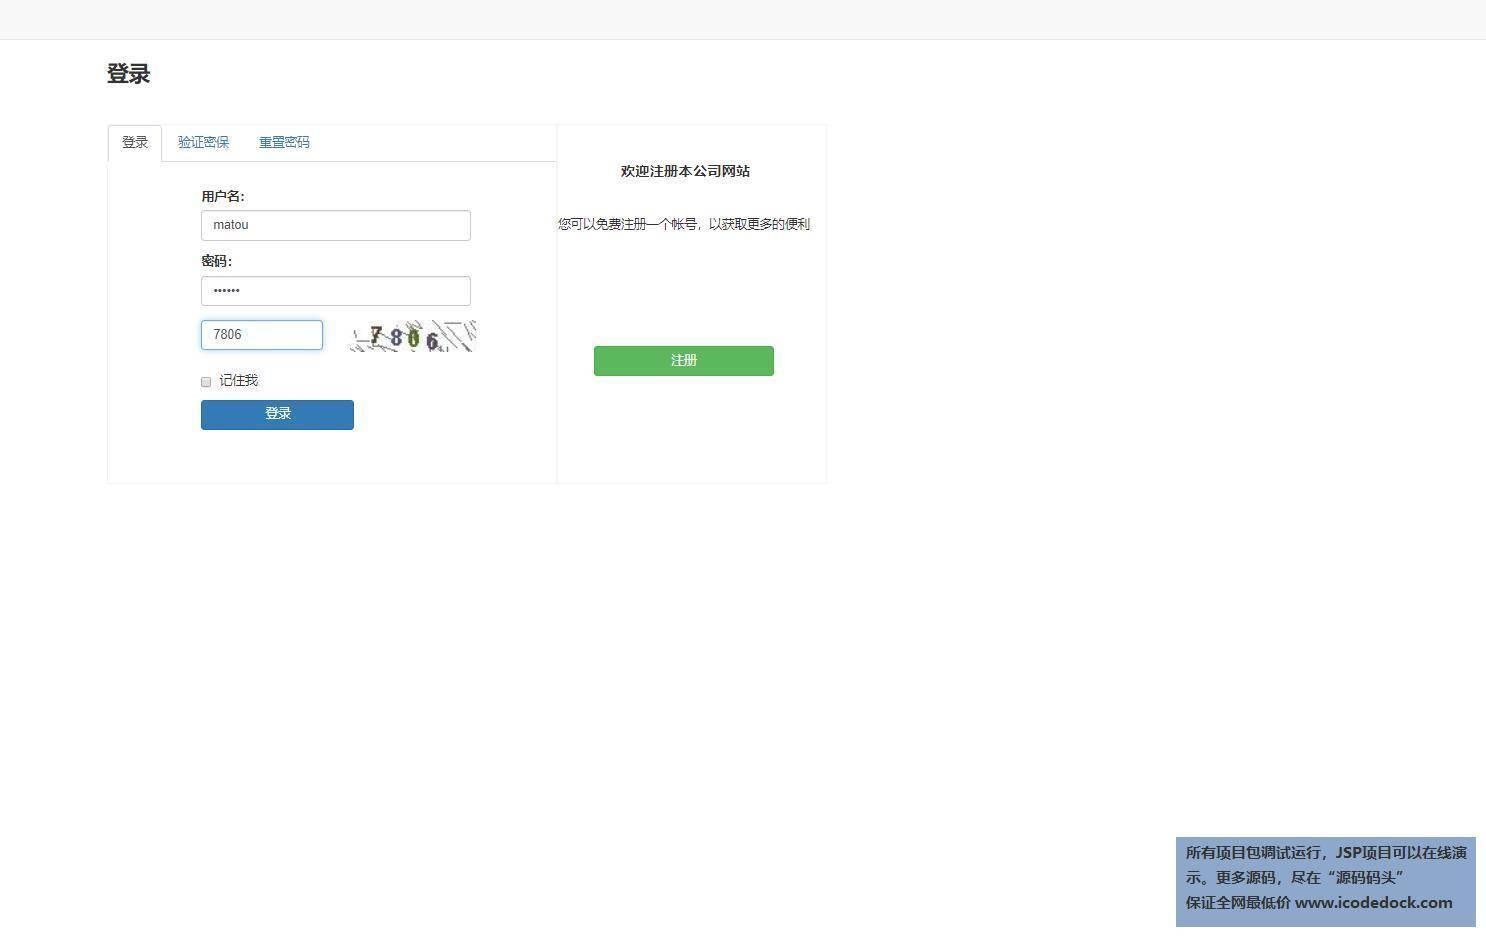 源码码头-SpringBoot招聘网站项目-用户角色-登录注册